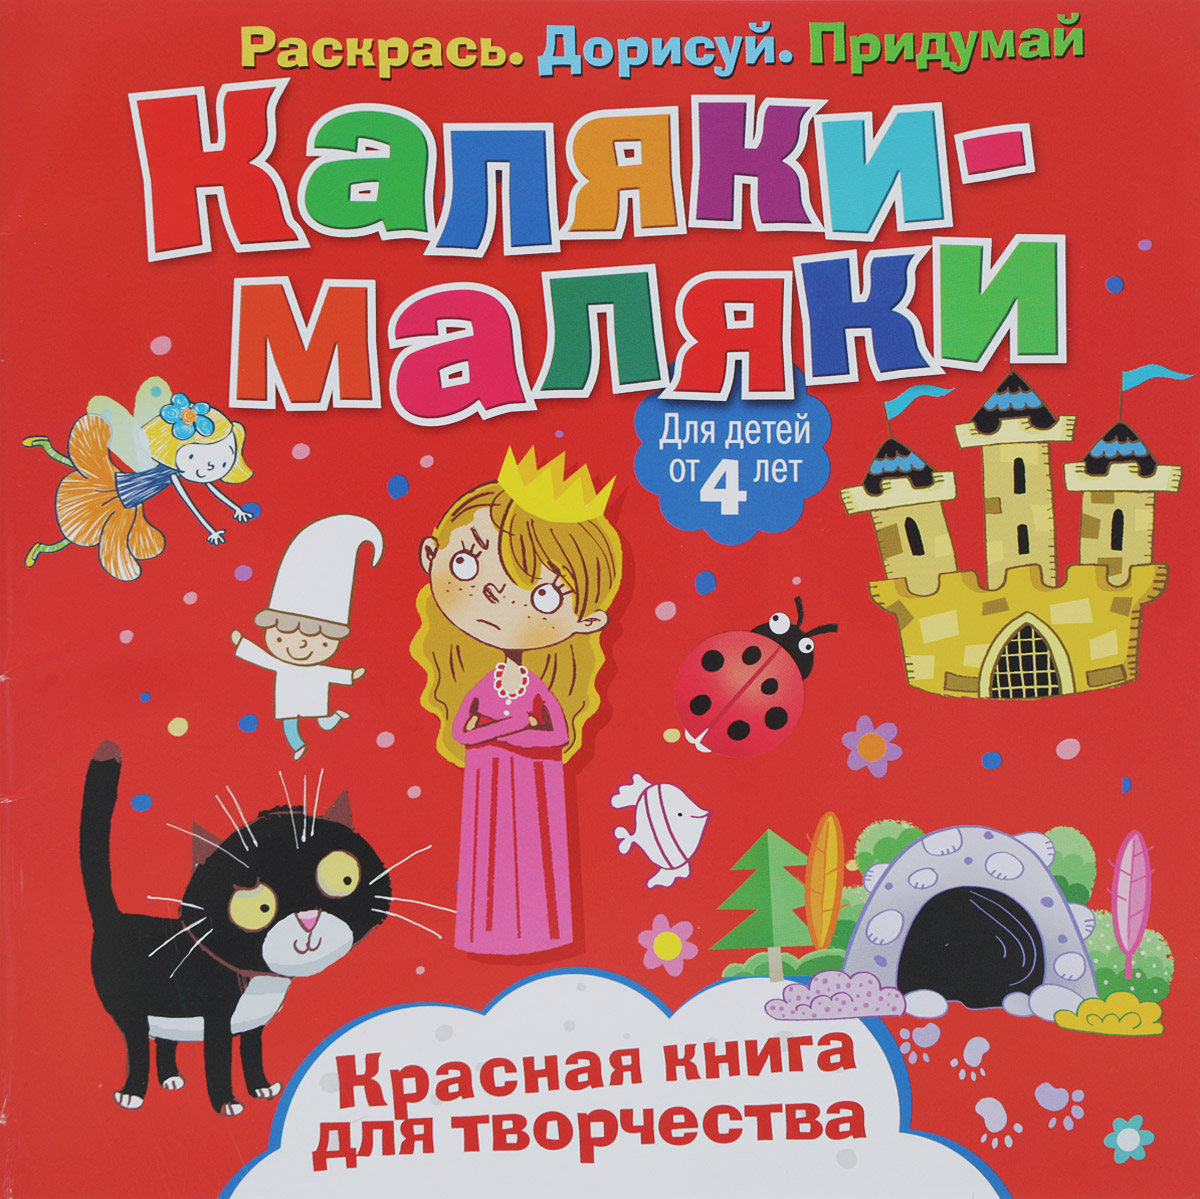 Каляки-маляки. Красная книга для творчества